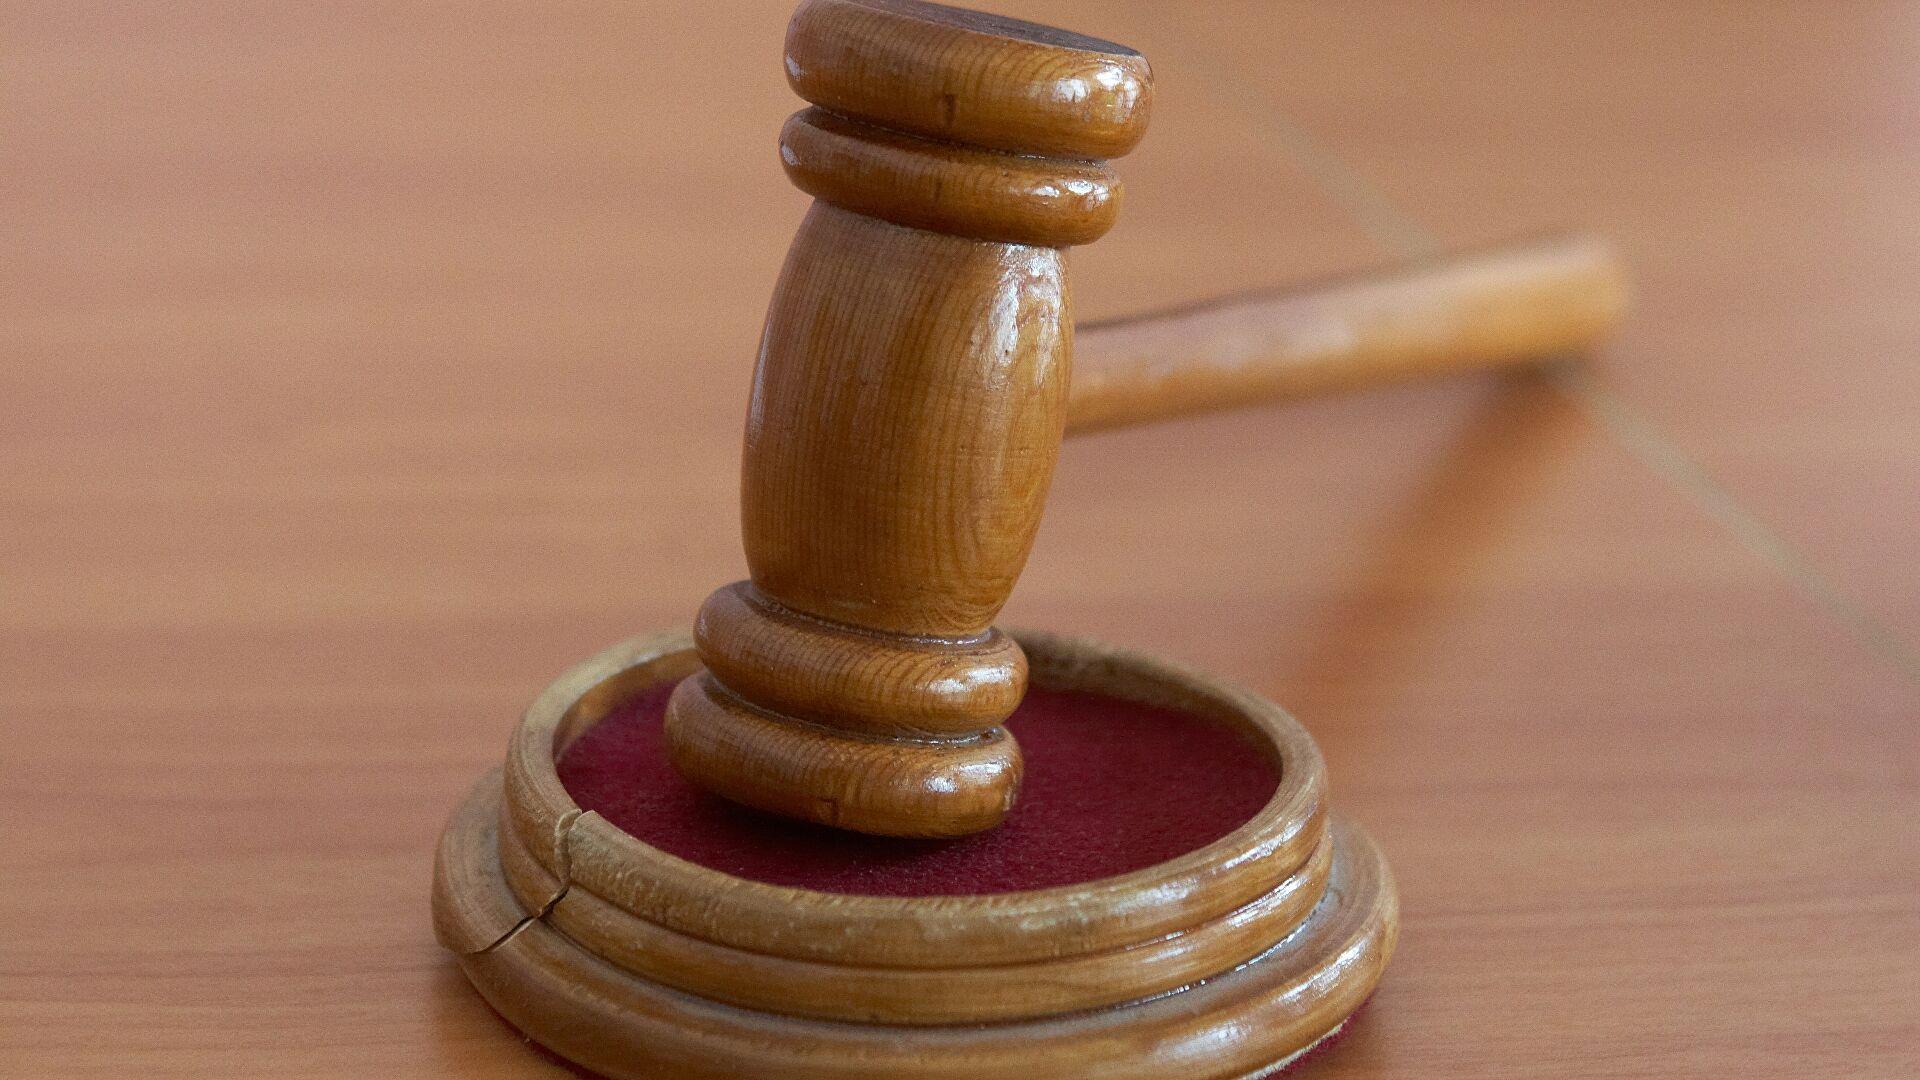 Суд отправил под домашний арест тренера, выстрелившего в лоб коллеге